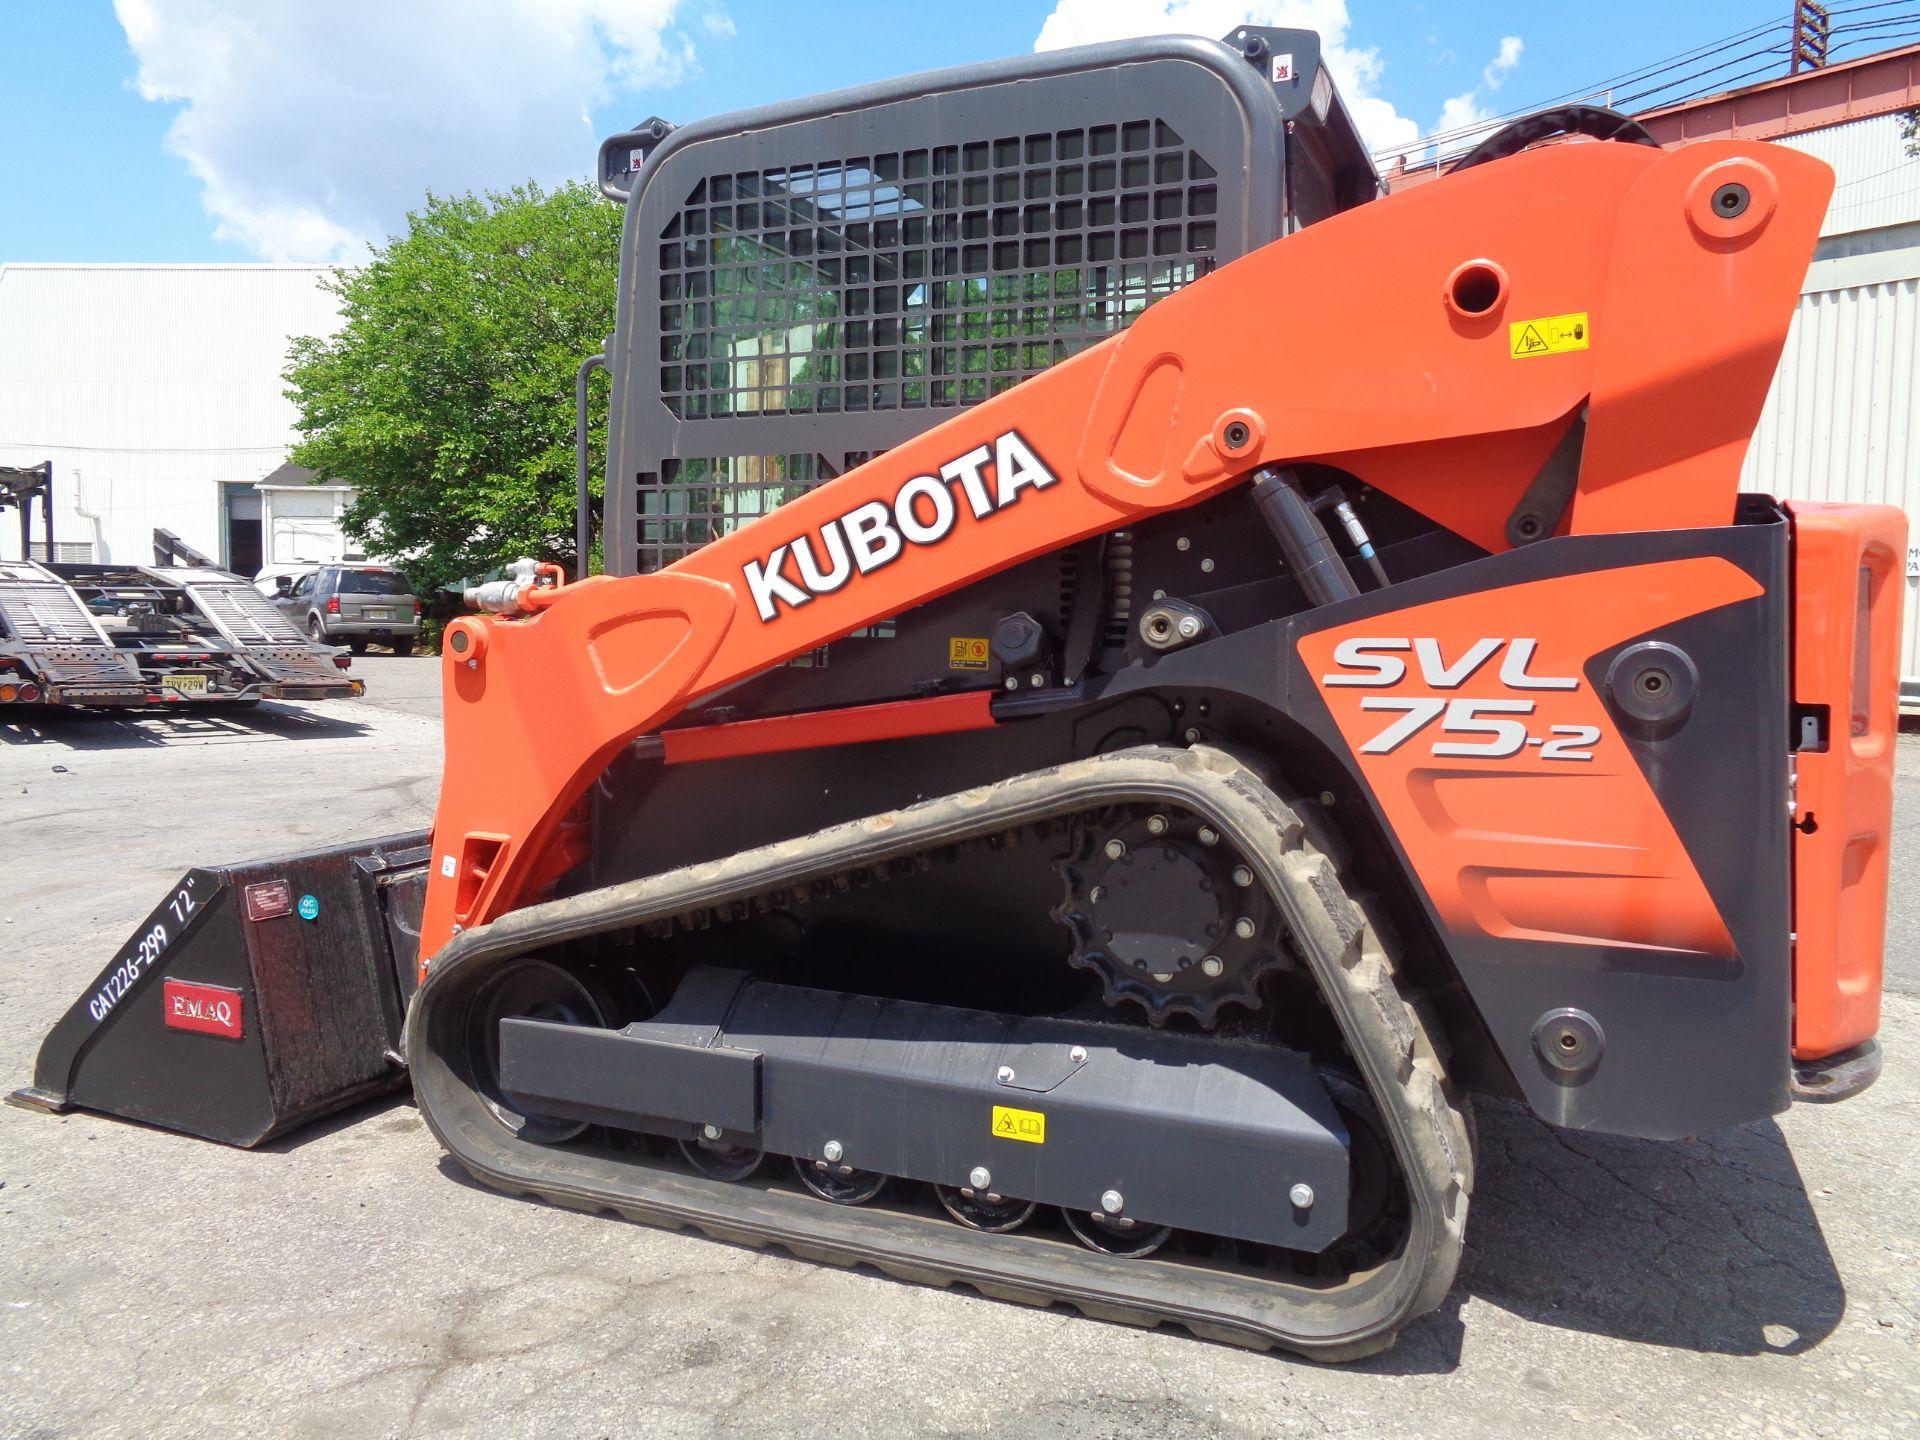 Lot 34 - NEW & UNUSED Kubota SVL75-2 Skid Steer